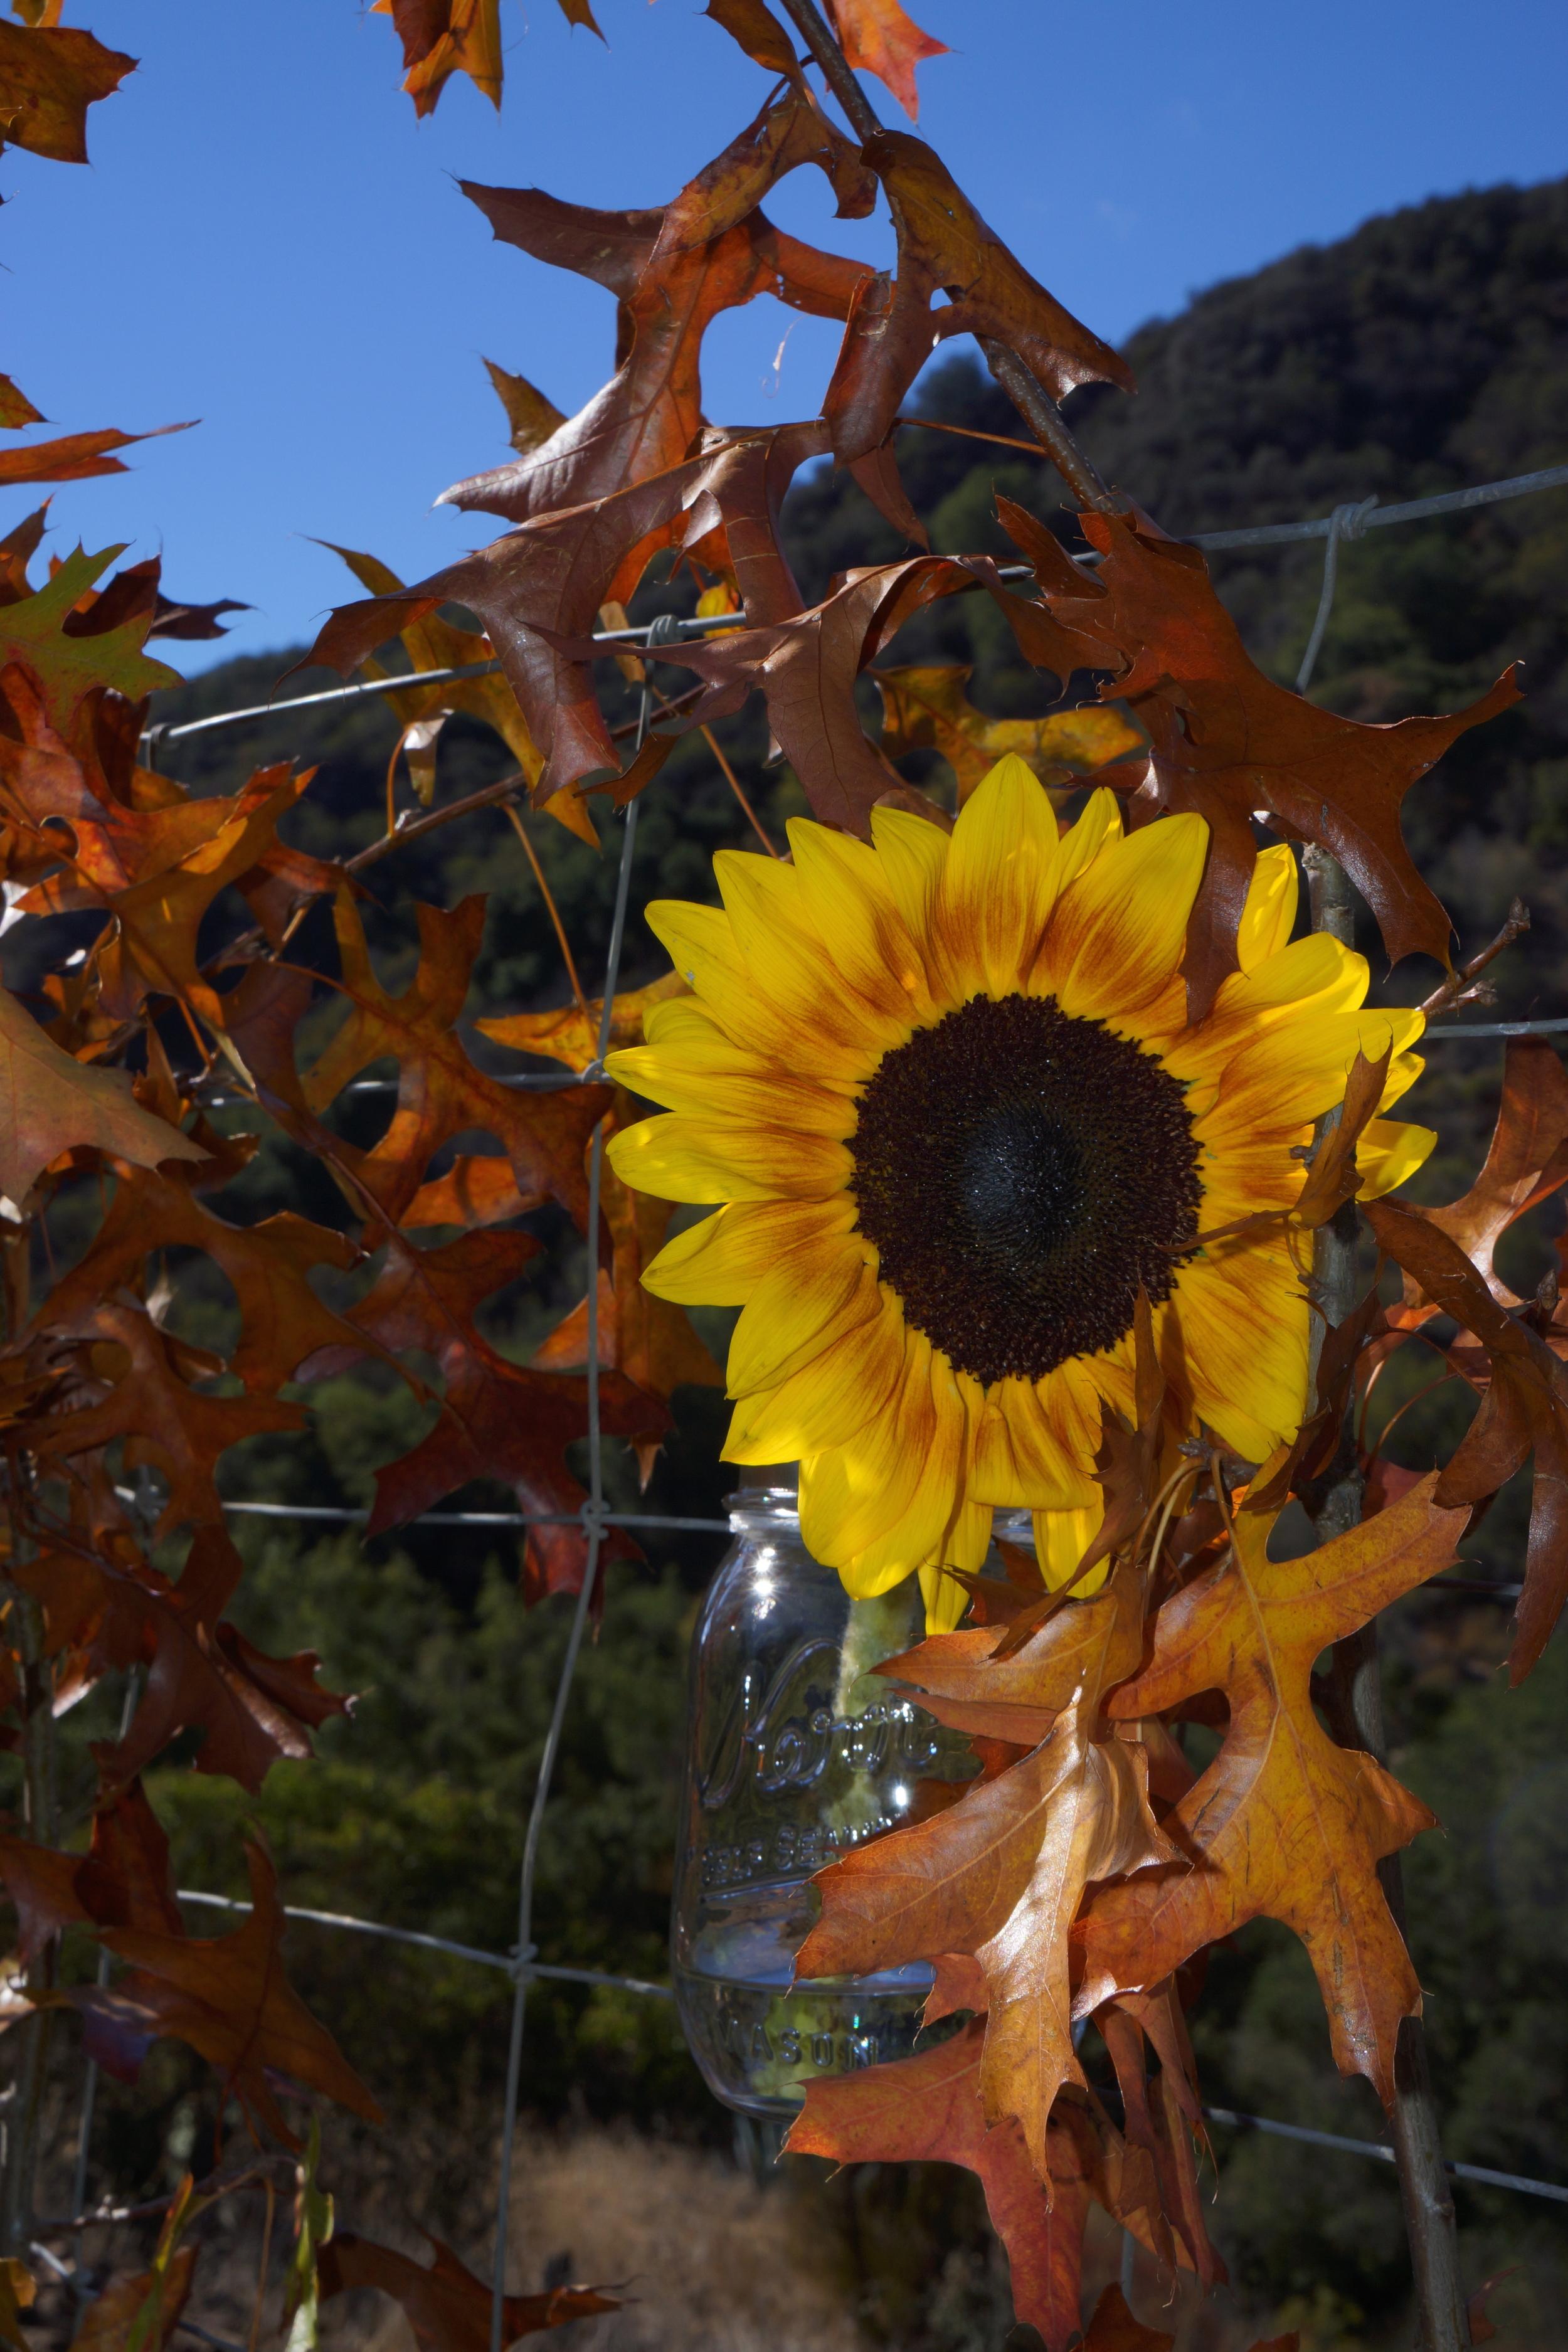 sunflower_fall_leaves.jpg